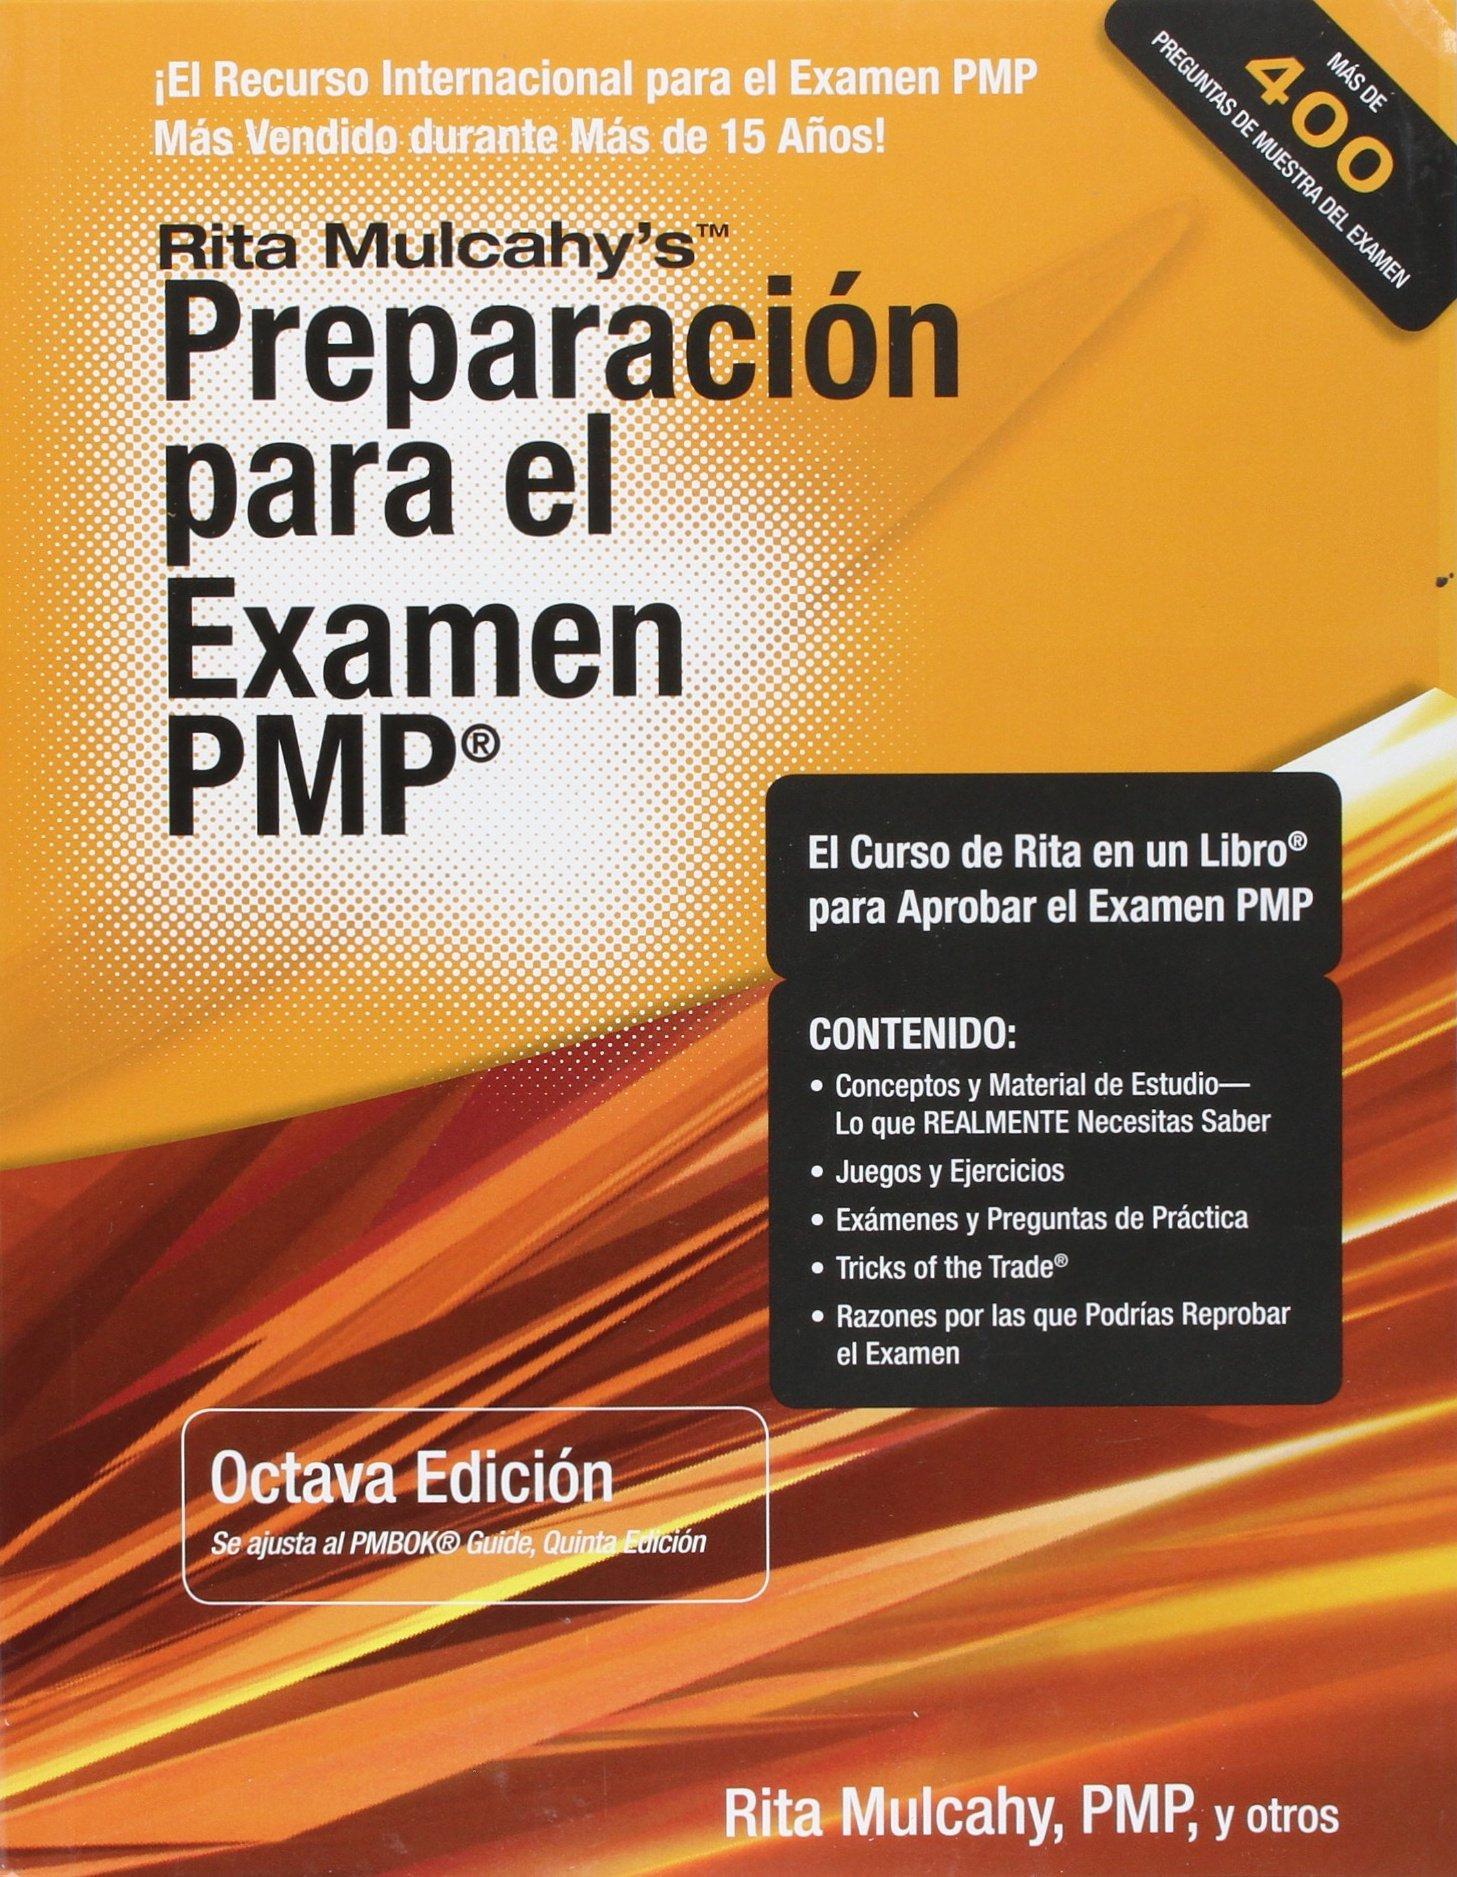 Rita mulcahy preparacion para el examen pmp libro en espaol rita mulcahy preparacion para el examen pmp libro en espaol rita mulcahy 9781932735772 amazon books fandeluxe Images